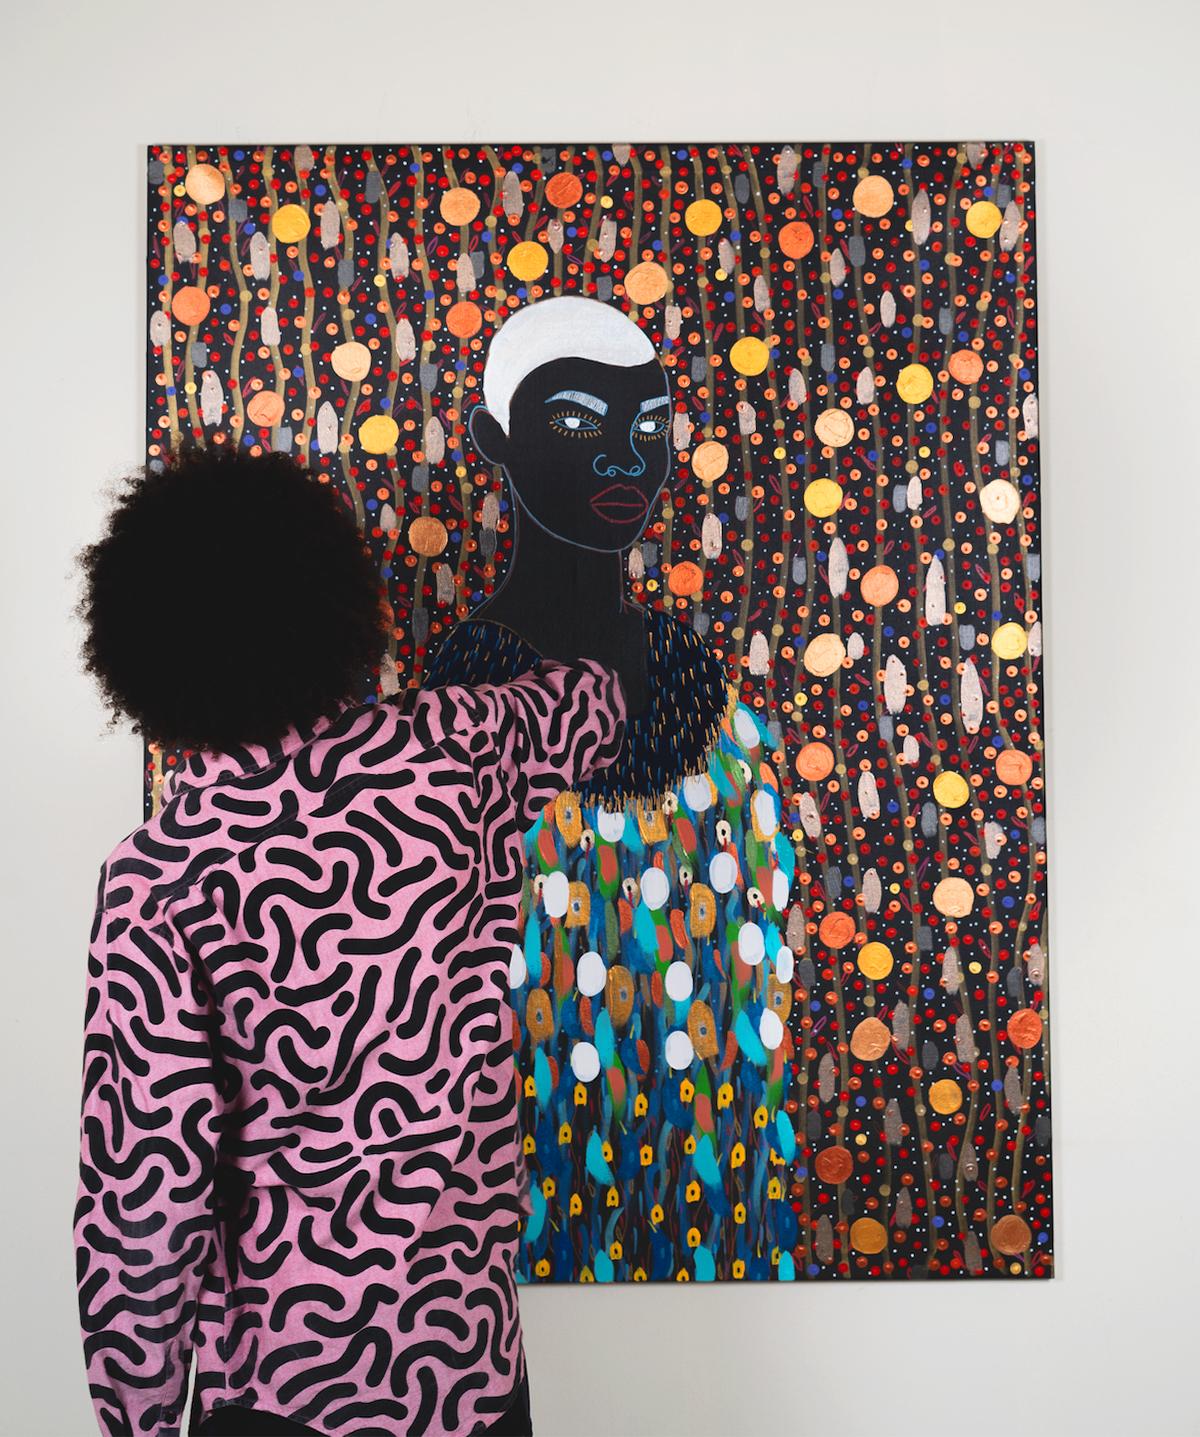 afro - Yermine Richardson